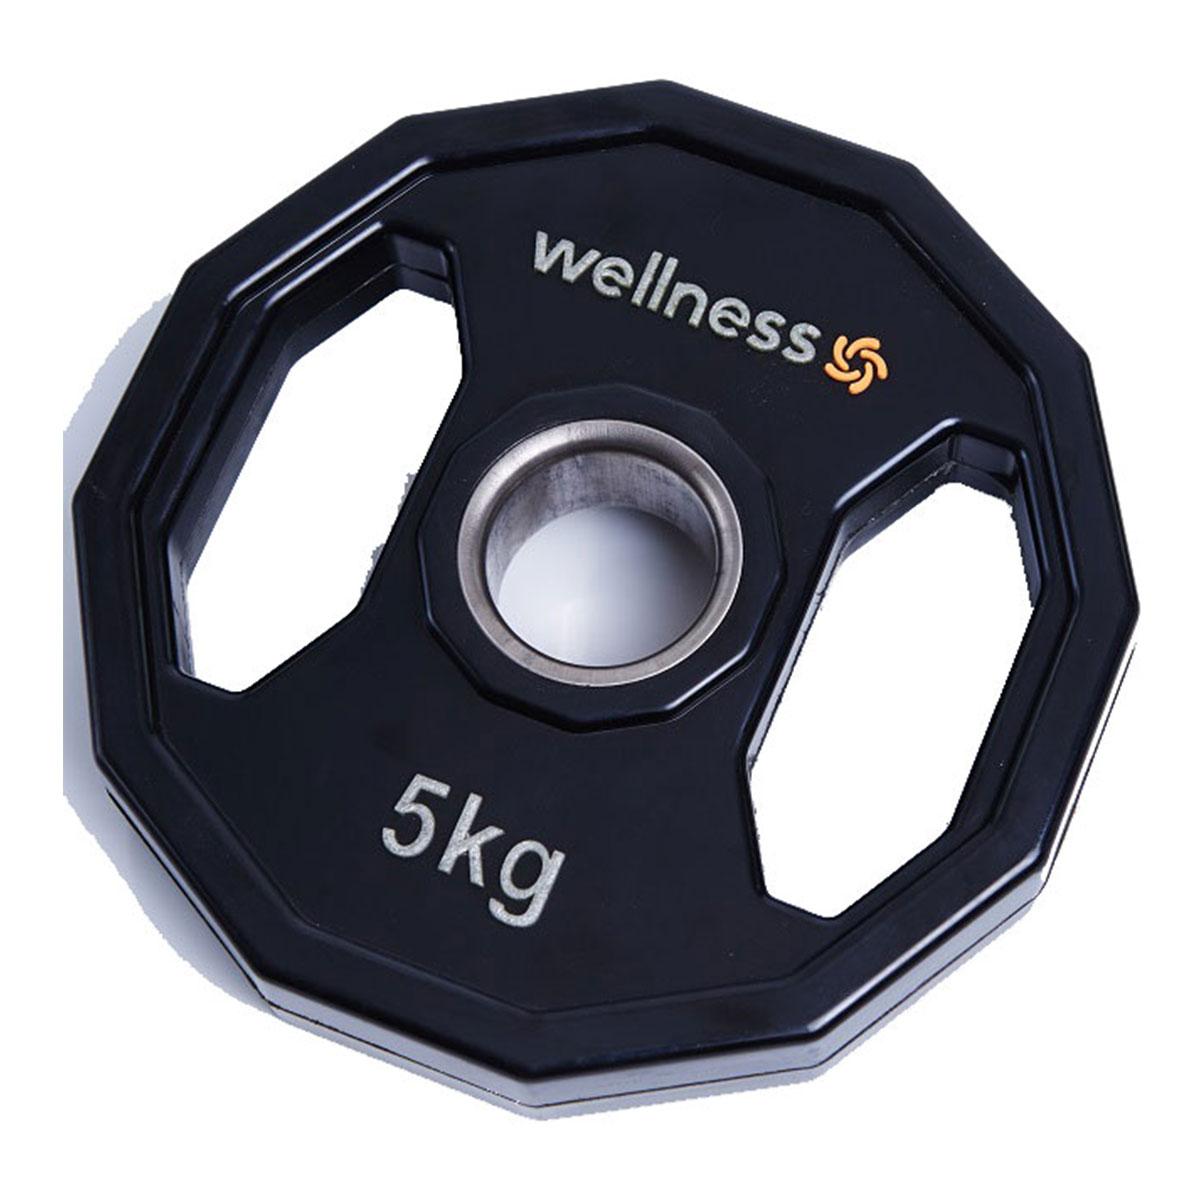 Anilha Poliuretano Furação Olímpica 12 Faces com Pegada 5,00kg Wellness